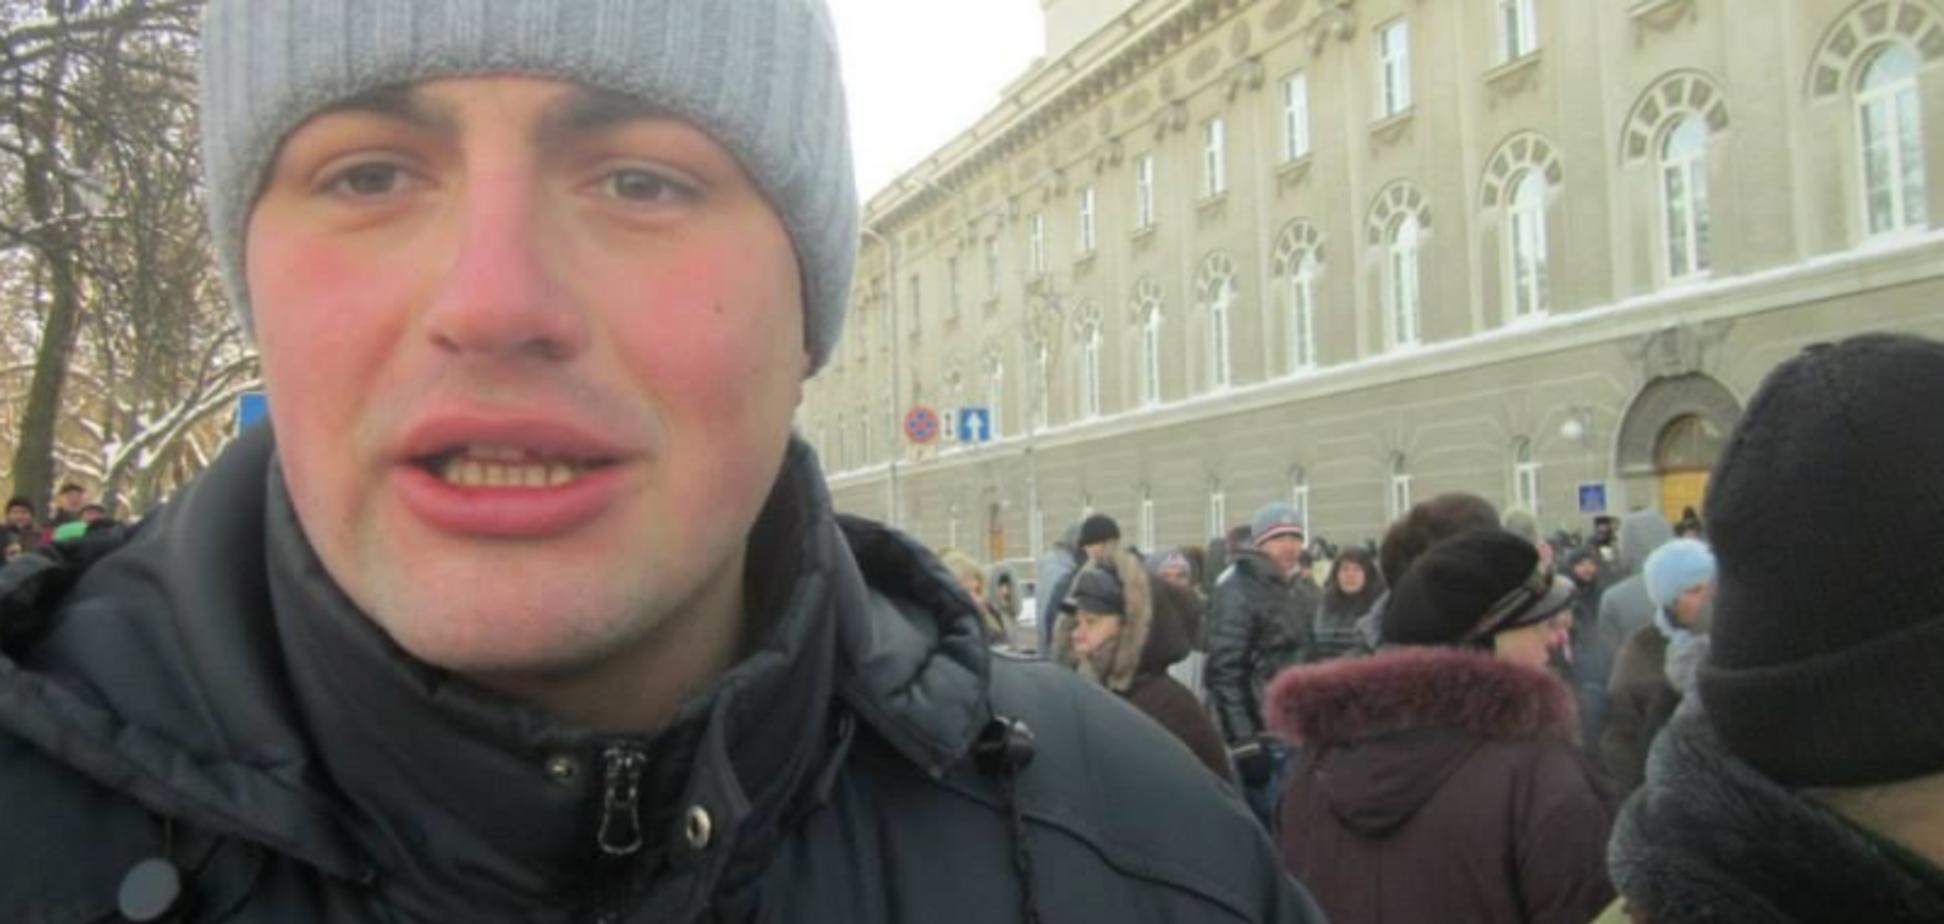 В 'Слугу народа' пробрался регионал-антимайдановец - СМИ